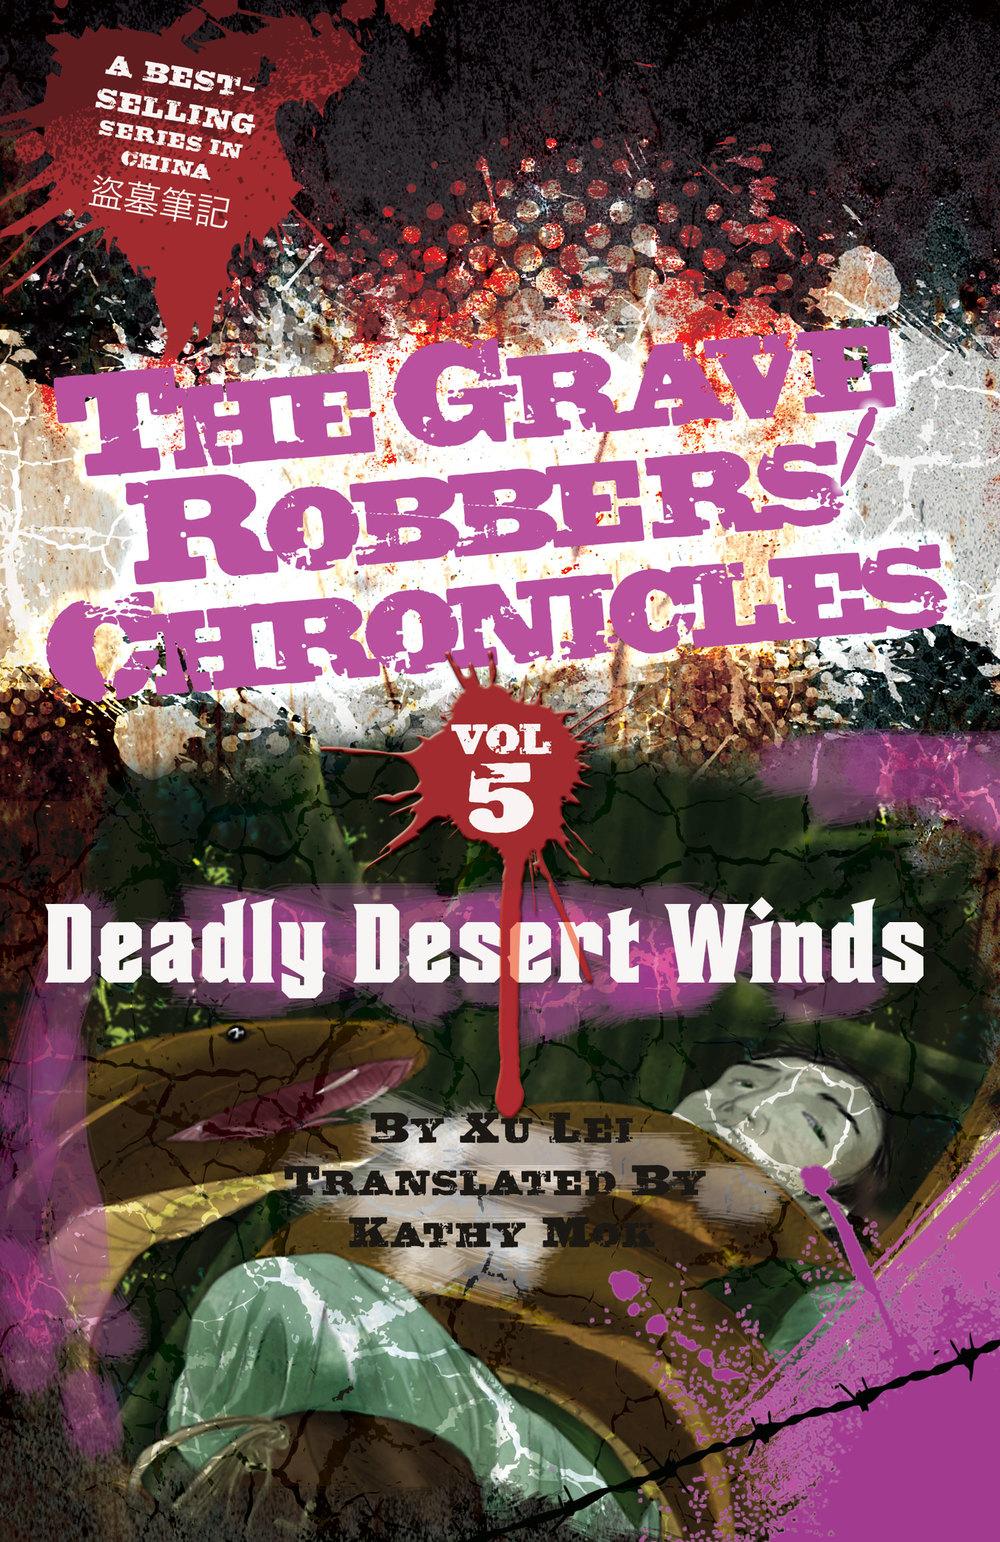 Vol. 5: Deadly Dessert Winds